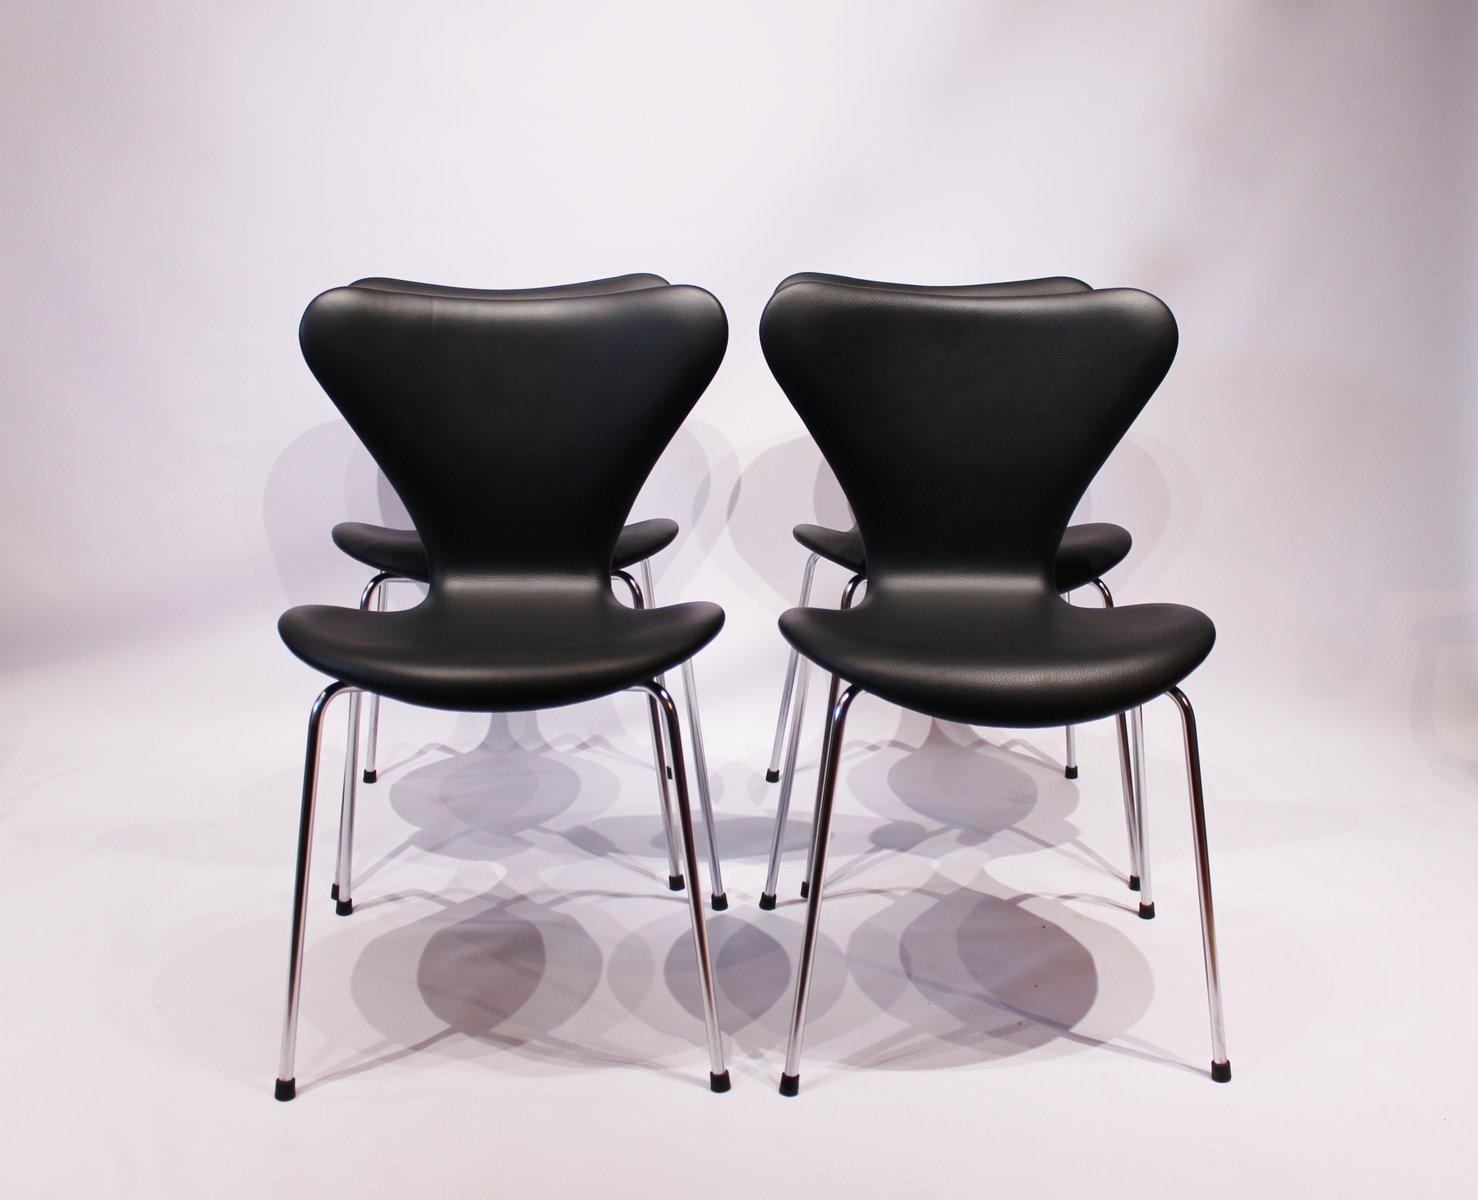 modell 3107 seven st hle aus schwarzem leder von arne jacobsen f r fritz hansen 1980er 4er set. Black Bedroom Furniture Sets. Home Design Ideas